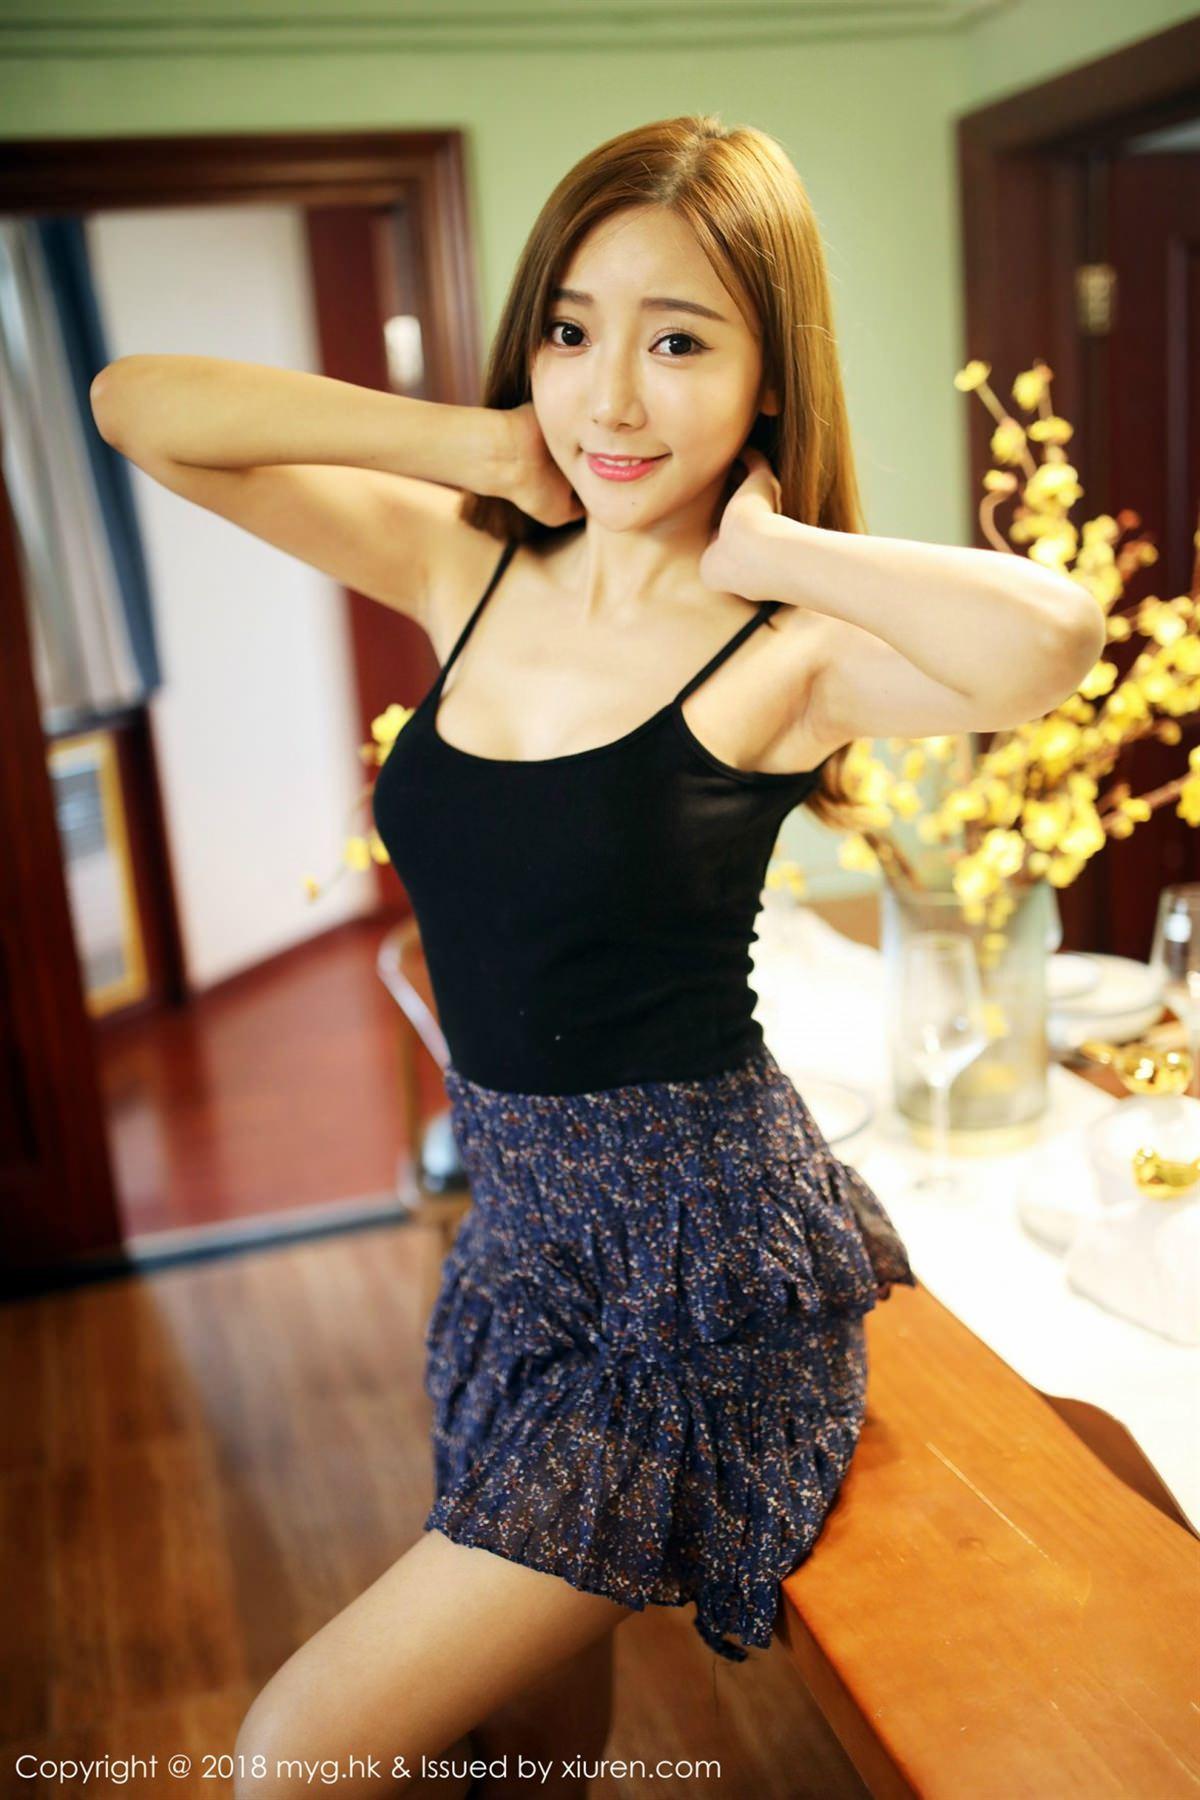 MyGirl Vol.293 6P, mygirl, Wang Xin Yao